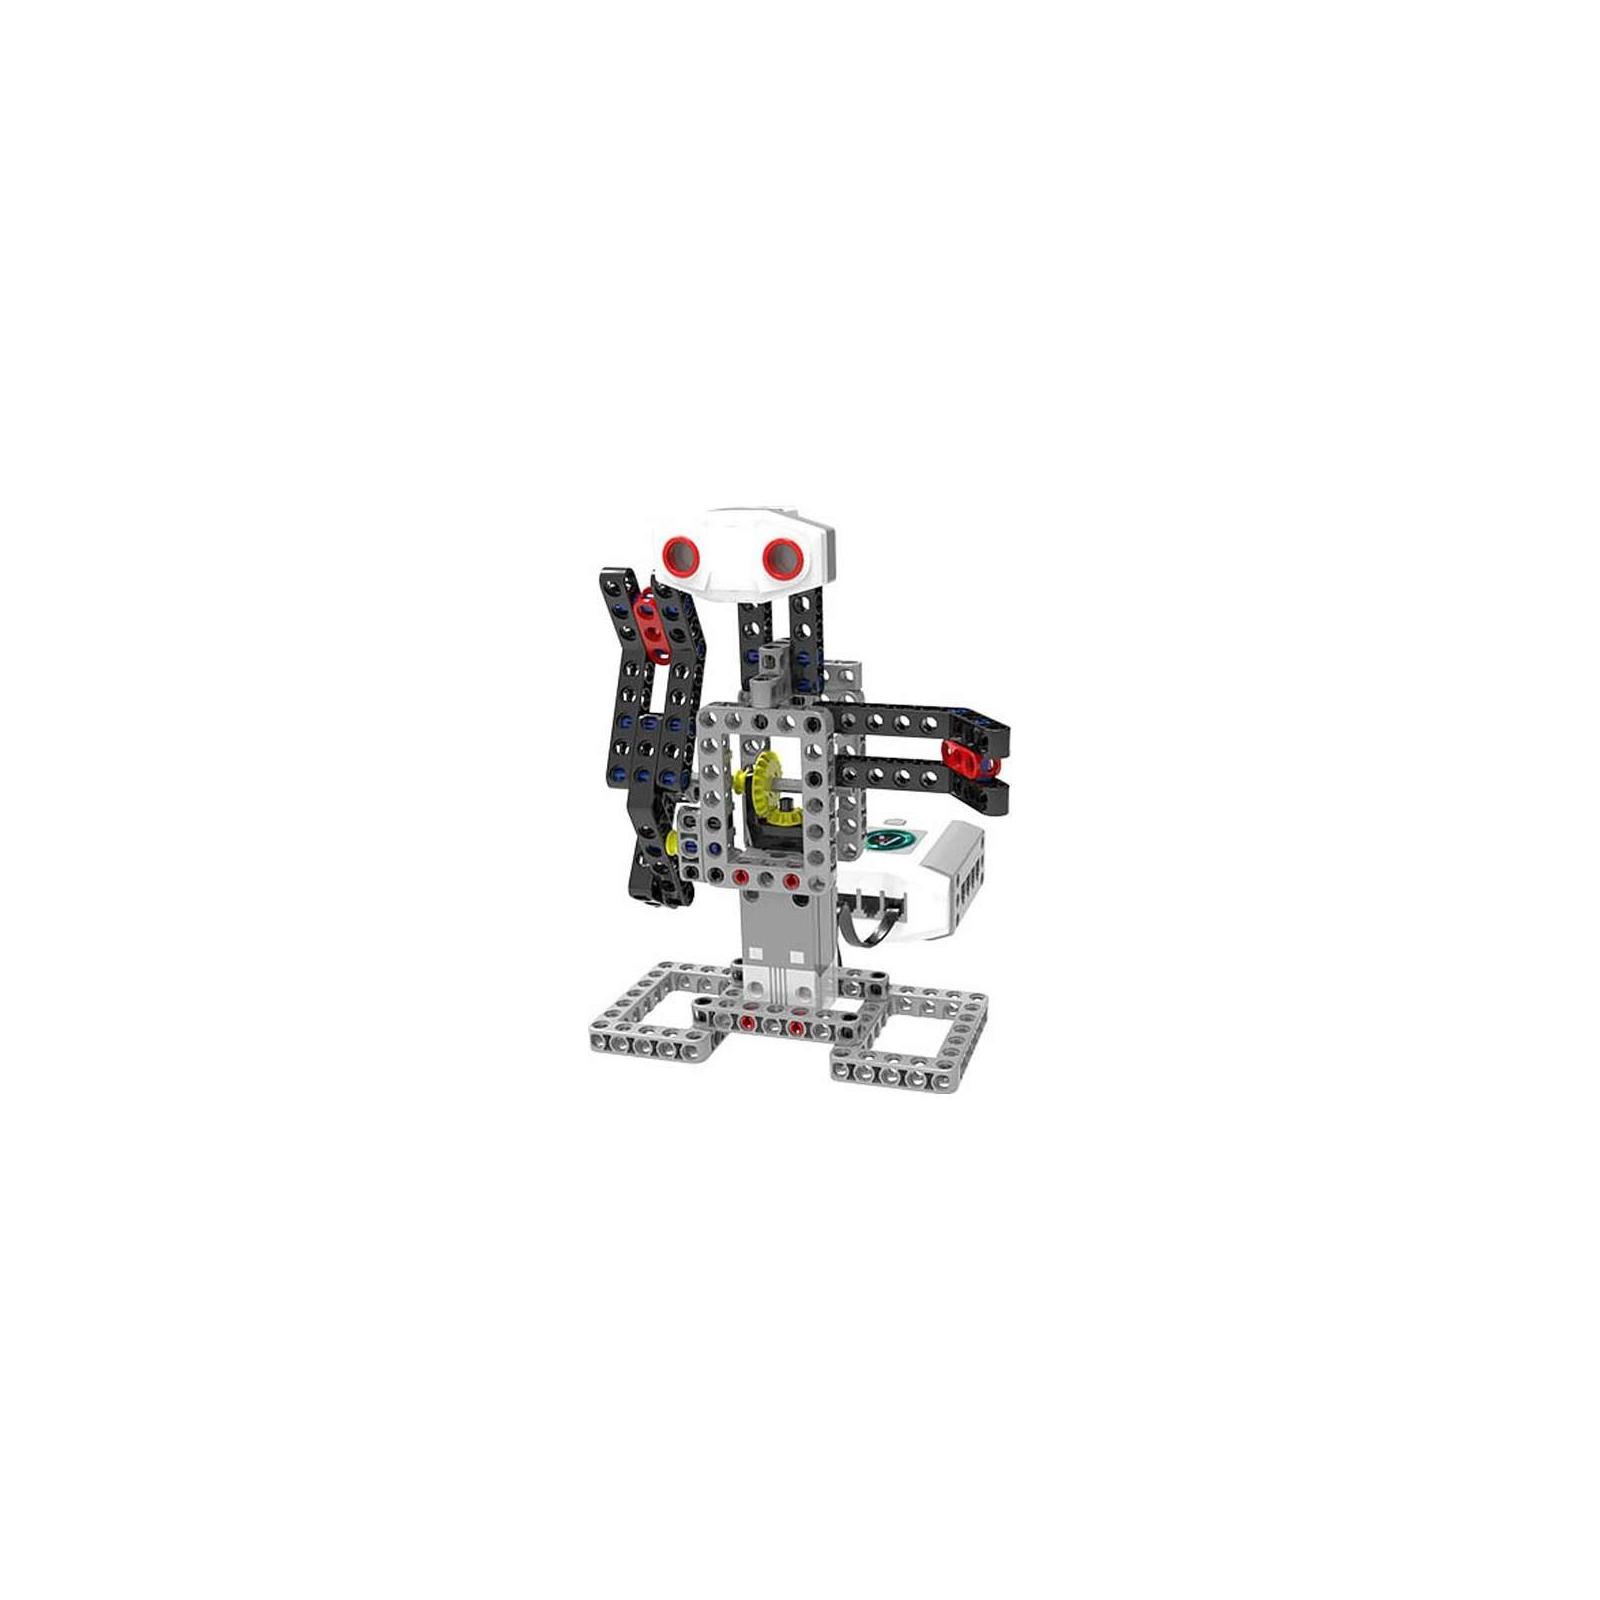 Робот Abilix Krypton 5 (Krypton_5) изображение 9